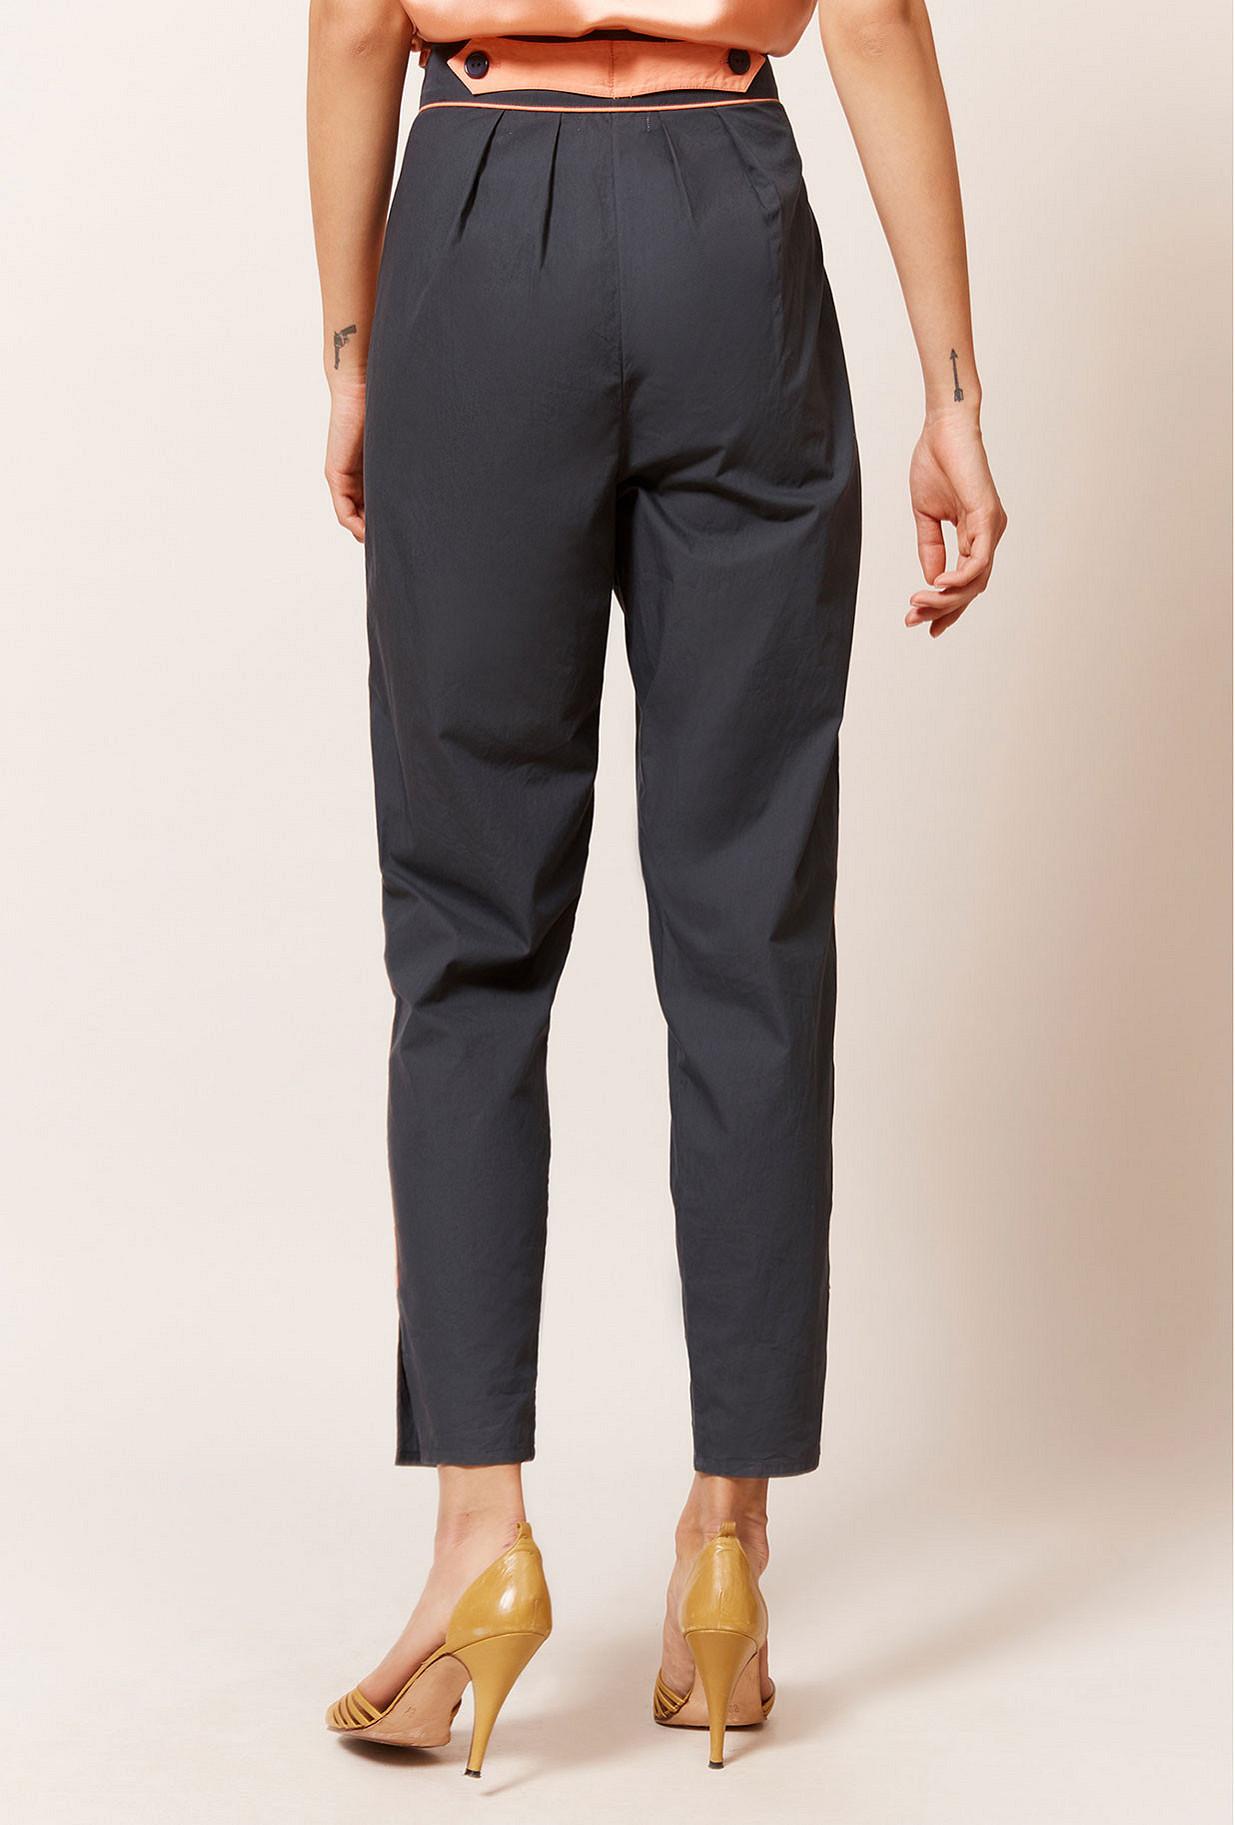 Pantalon Noir  Primo mes demoiselles paris vêtement femme paris